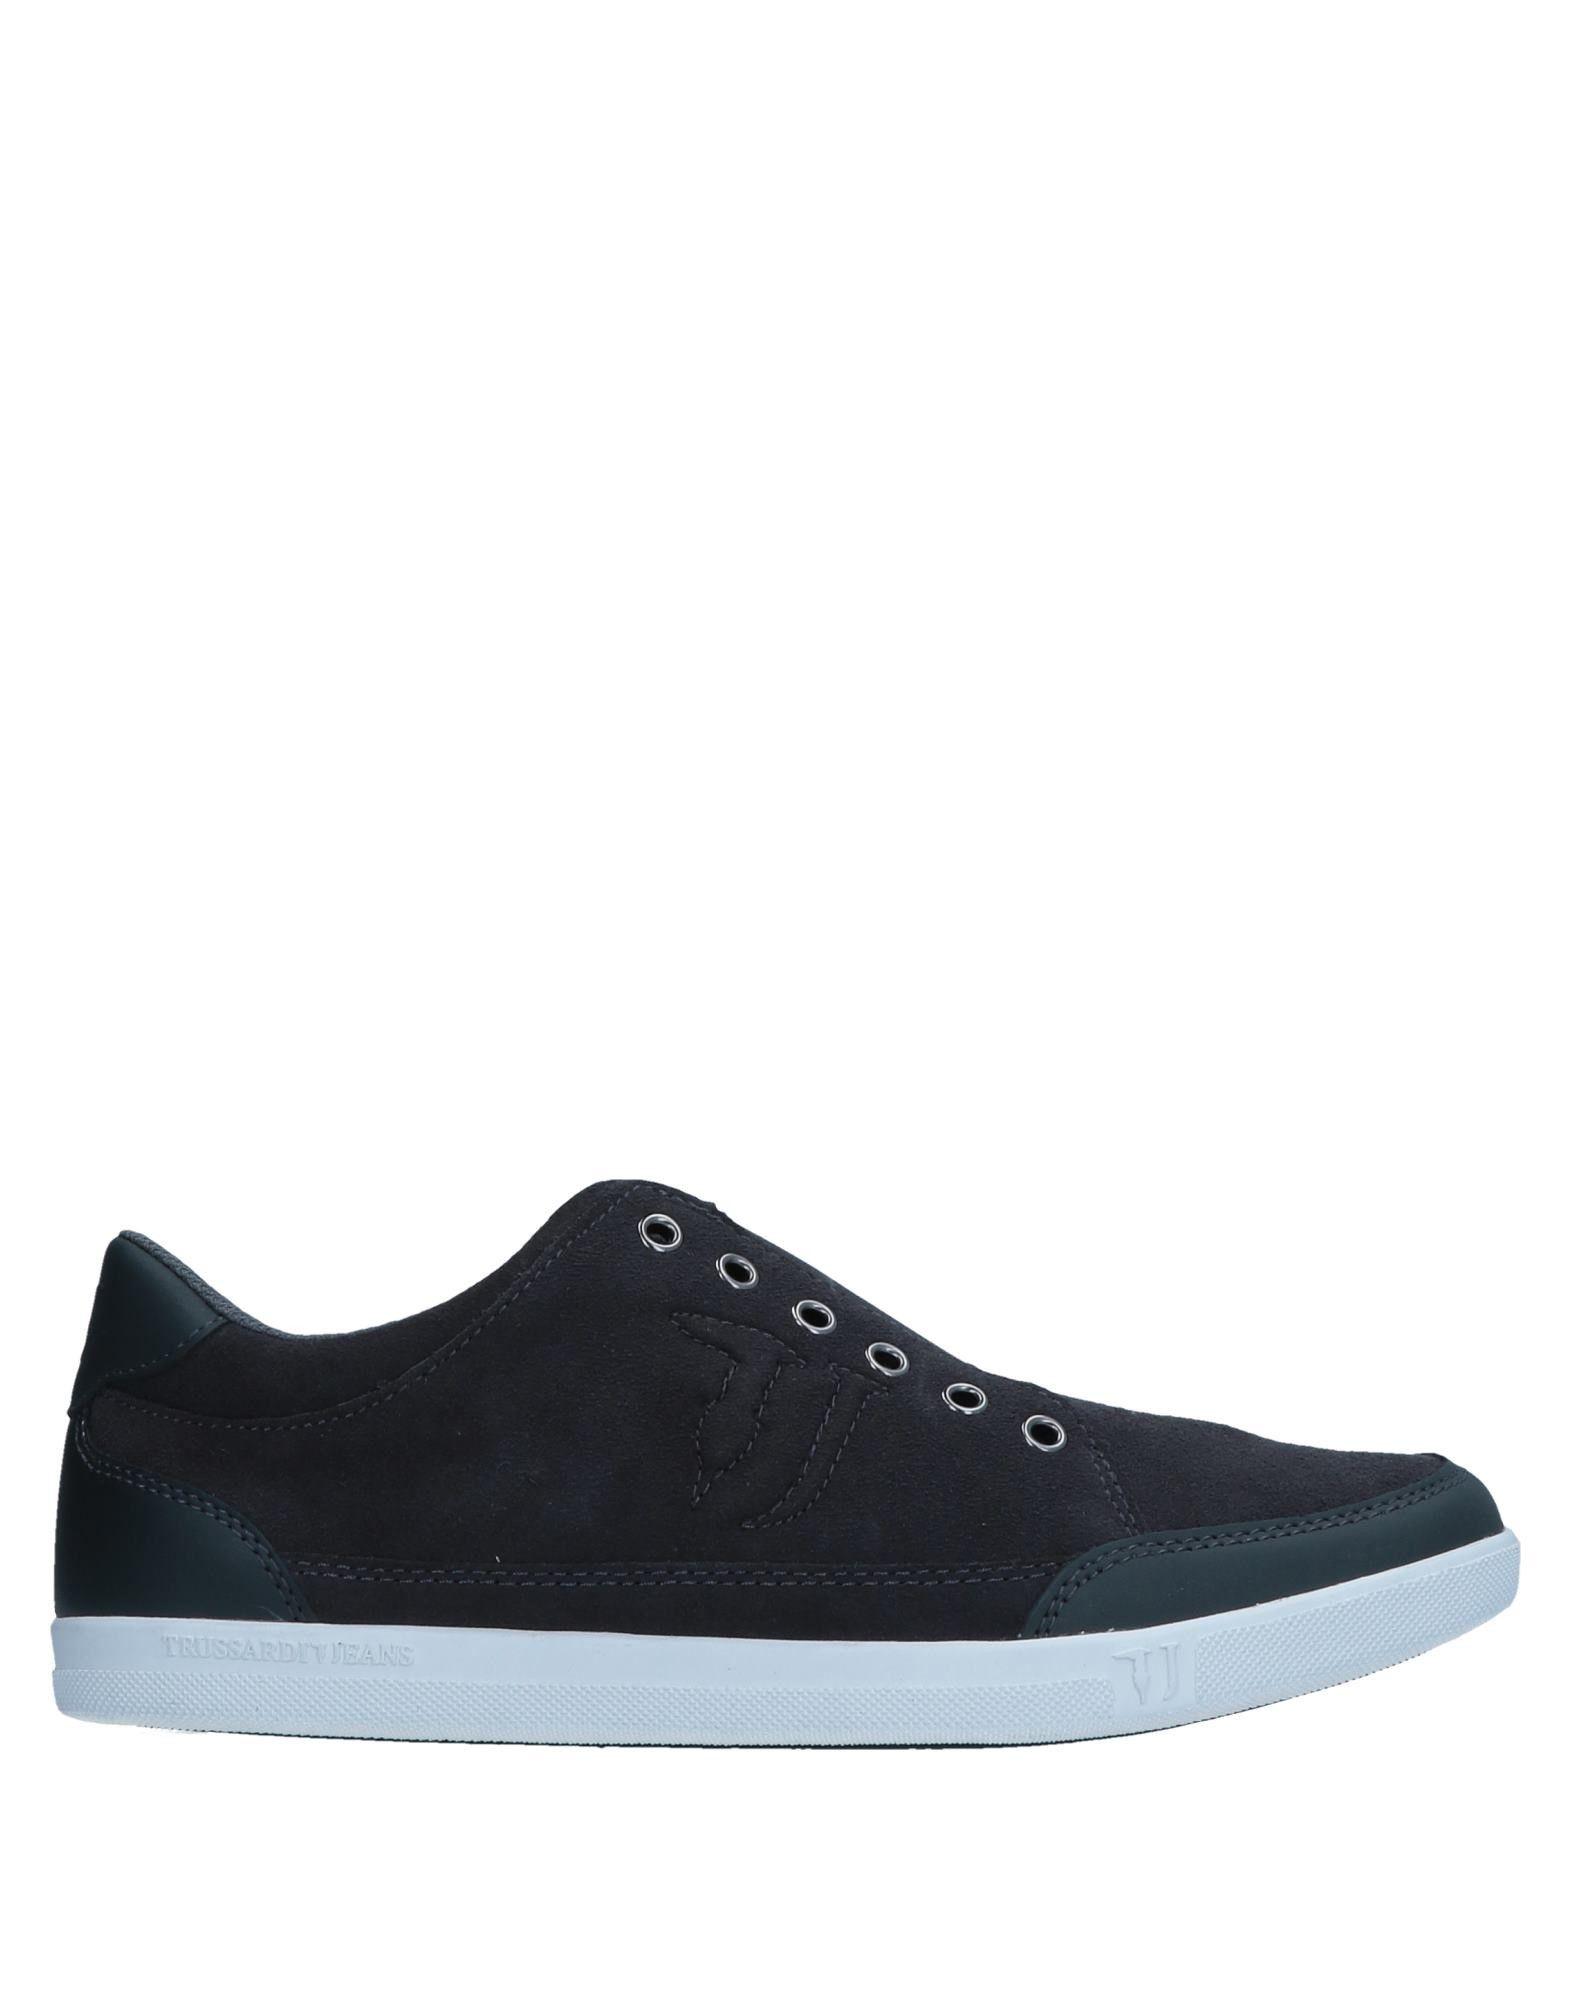 Trussardi on Jeans Sneakers - Men Trussardi Jeans Sneakers online on Trussardi  Canada - 11547681PK 6b6b8a